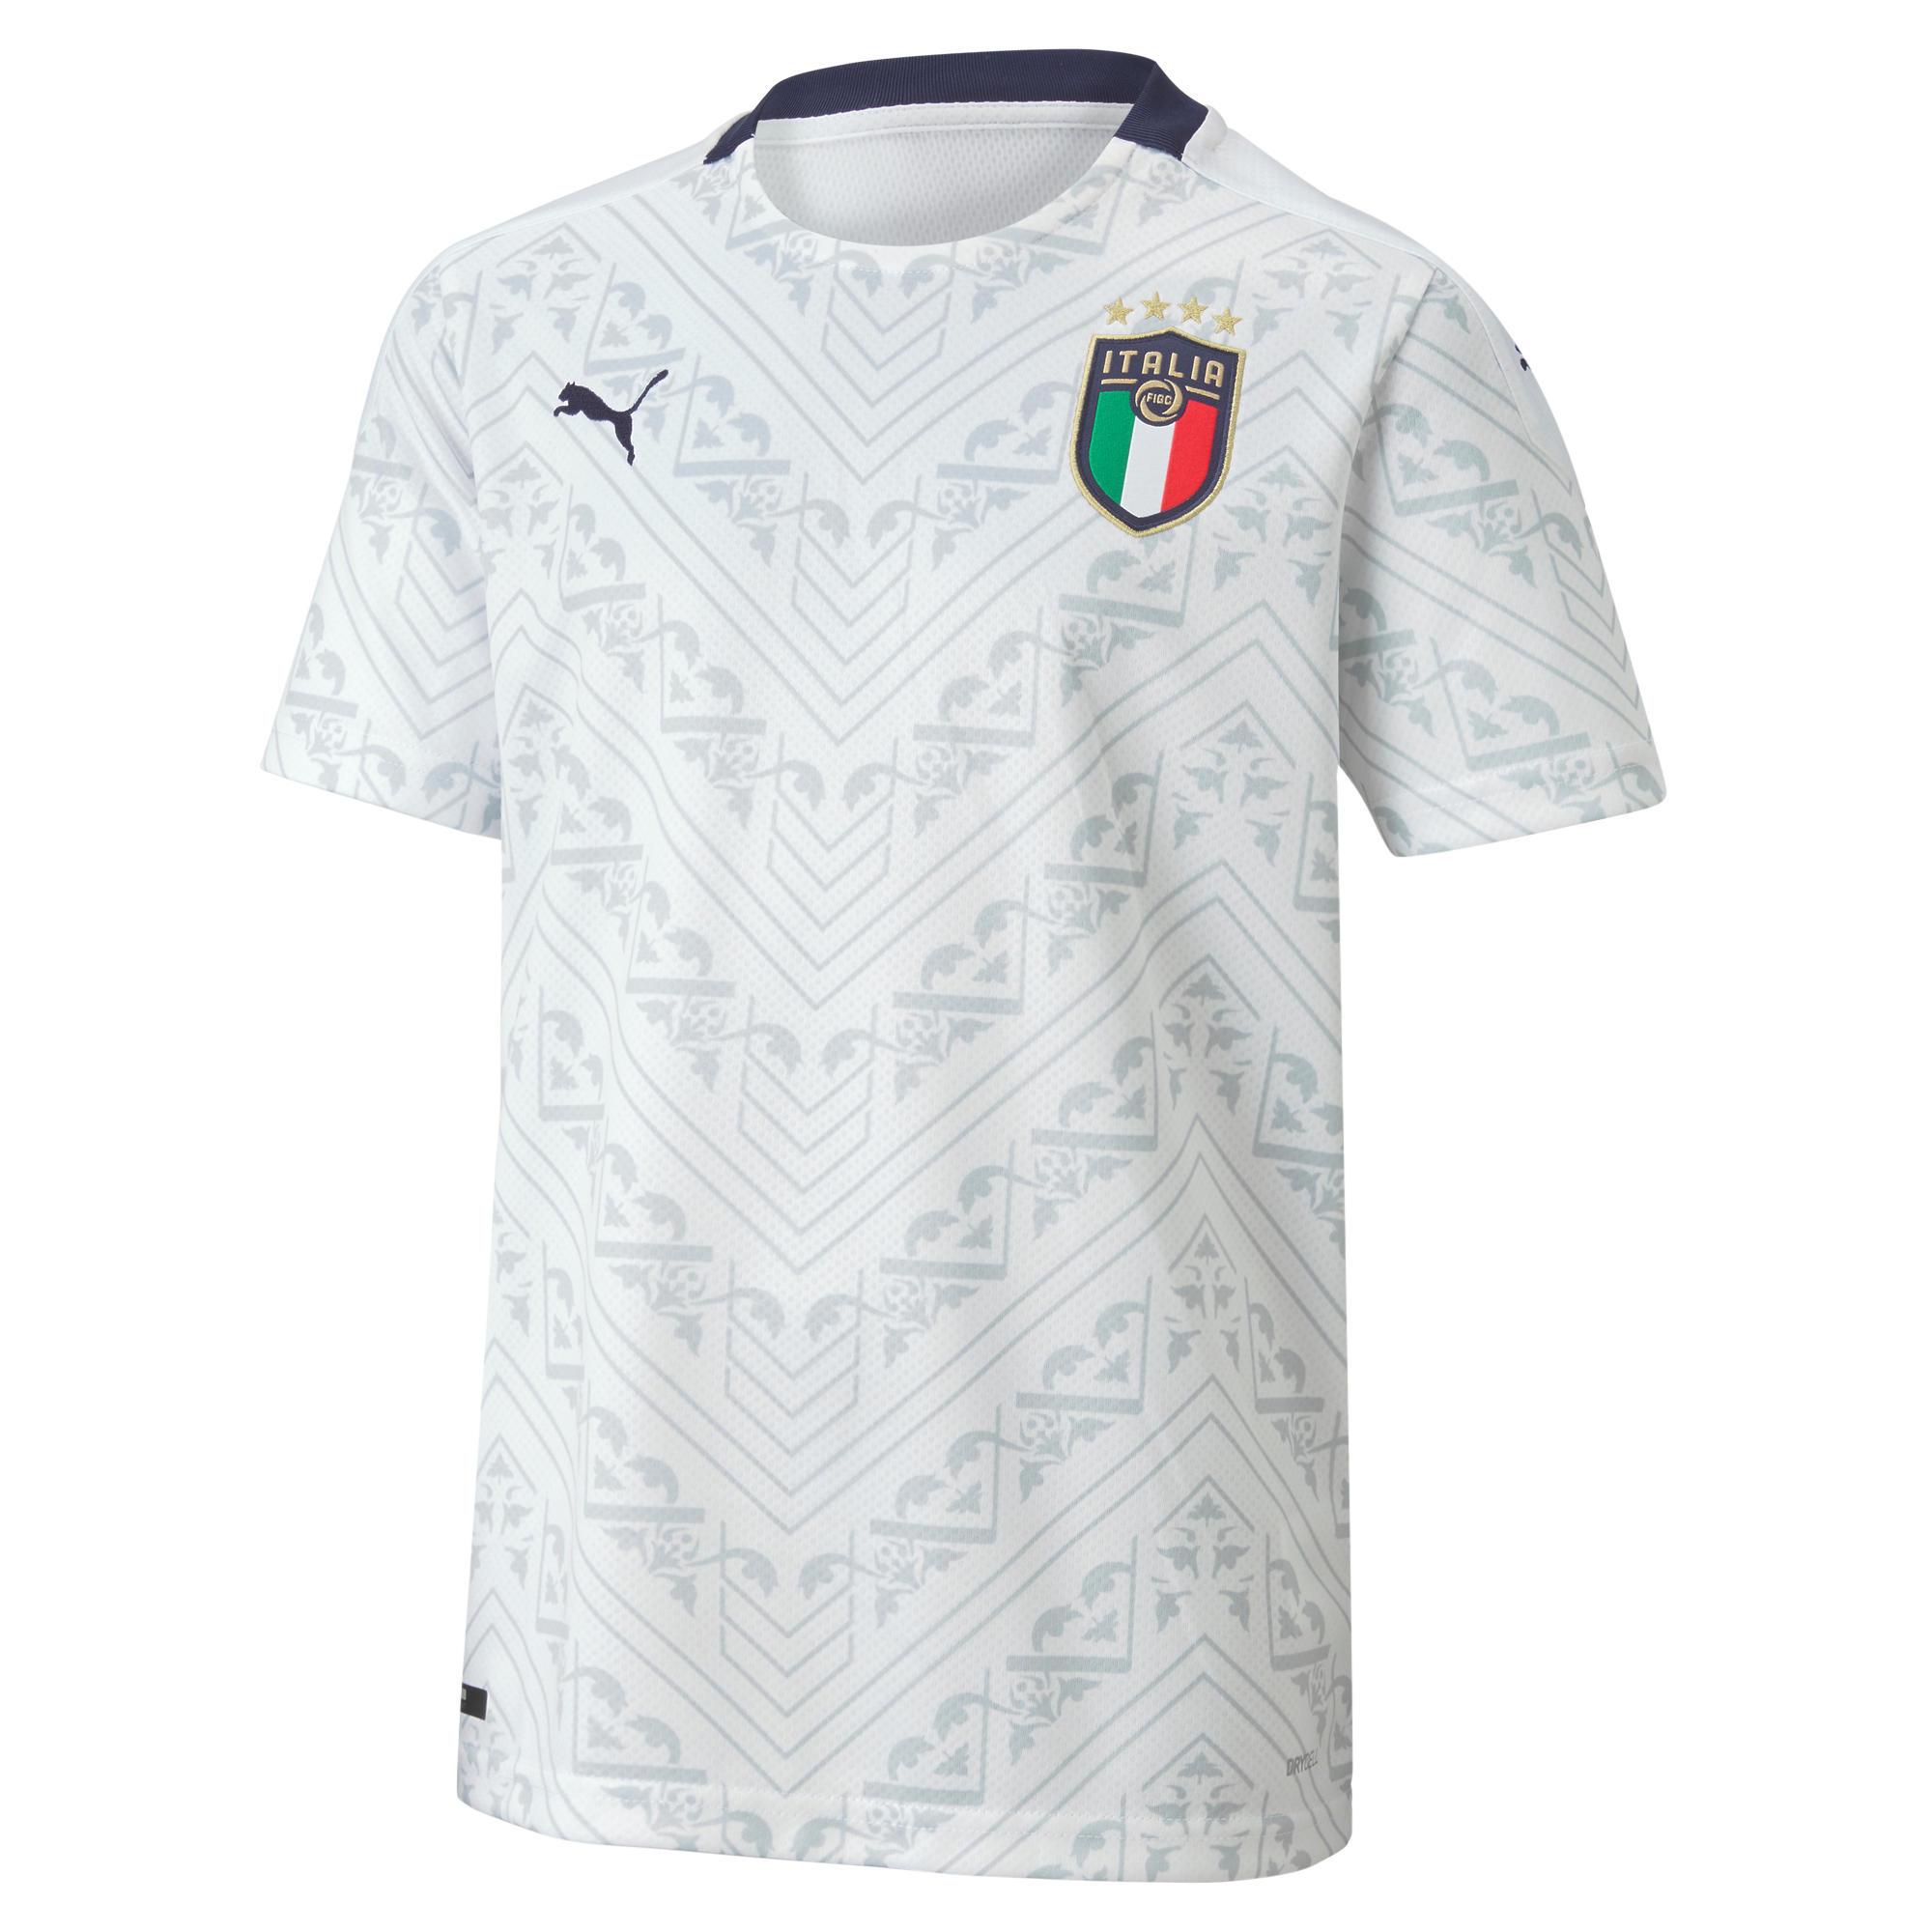 Le Nigeria t-shirt Femmes st-1 VERT maillot équipe de foot sport coupe du monde 2018